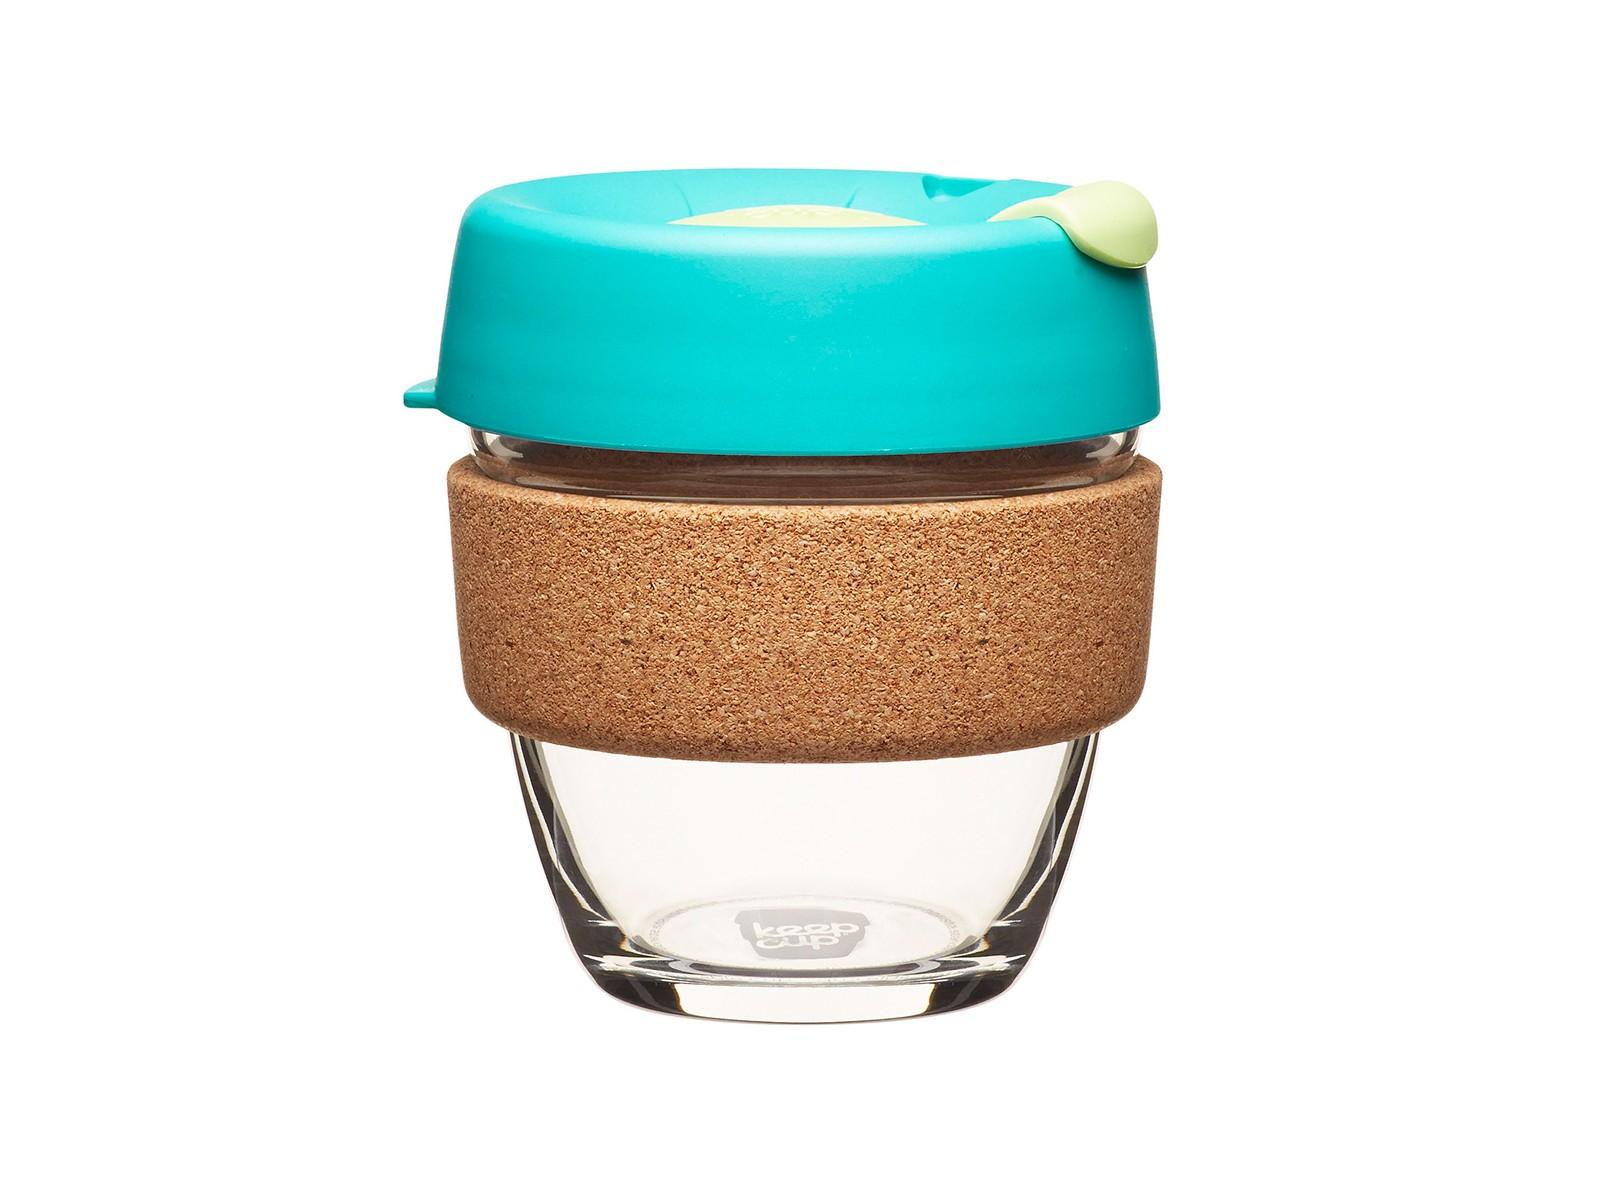 Кружка Keepcup thymeЧайные пары и чашки<br>Главная идея KeepCup – вдохновить любителей кофе отказаться от использования одноразовых бумажных и пластиковых стаканов, так как их производство и утилизация наносят вред окружающей среде. В год производится и выбрасывается около 500 миллиардов одноразовых стаканчиков, а ведь планета у нас всего одна! <br>Но главный плюс кружки  – привлекательный и яркий дизайн, который станет отражением вашего личного стиля. Берите ее в кафе или наливайте кофе, чай, сок дома, чтобы взять с собой - пить вкусные напитки на ходу, на работе или на пикнике. Специальная крышка с открывающимся и закрывающимся клапаном спасет от брызг, ободок из пробкового дерева (ограниченная серия) поможет не обжечься, плюс удобно держать кружку в руках, а плотная крышка и толстые стенки сохранят напиток теплым в течение 20-30 минут. <br>Крышка сделана из нетоксичного пластика без содержания вредного бисфенола (BPA-free) и прочного стекла. Можно использовать в микроволновой печи и мыть в посудомоечной машине. Разработана и произведена в Австралии.&amp;lt;div&amp;gt;&amp;lt;br&amp;gt;&amp;lt;/div&amp;gt;&amp;lt;div&amp;gt;Объем: 227 мл.&amp;lt;br&amp;gt;&amp;lt;/div&amp;gt;<br><br>Material: Стекло<br>Height см: 10,9<br>Diameter см: 8,8